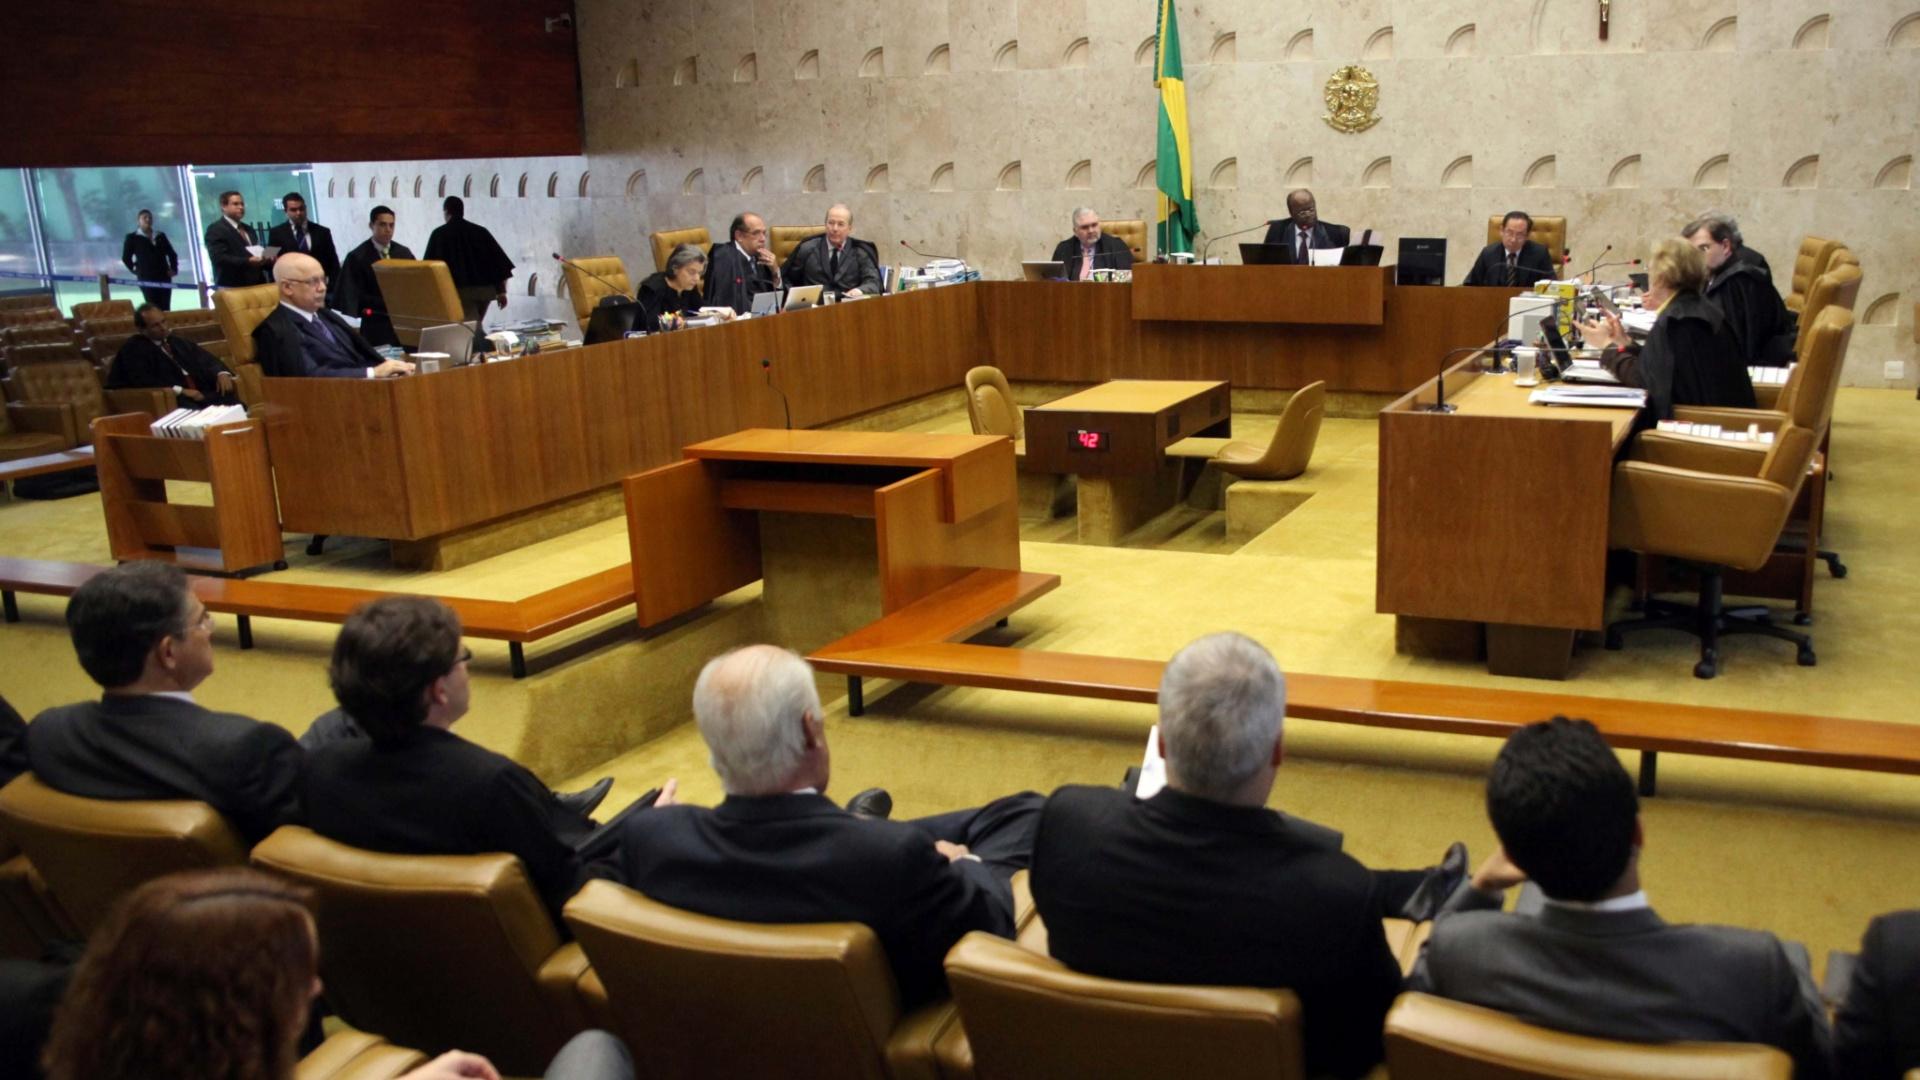 Ministros do STF encaminham projeto de lei para receberem salário de R$ 35 mil